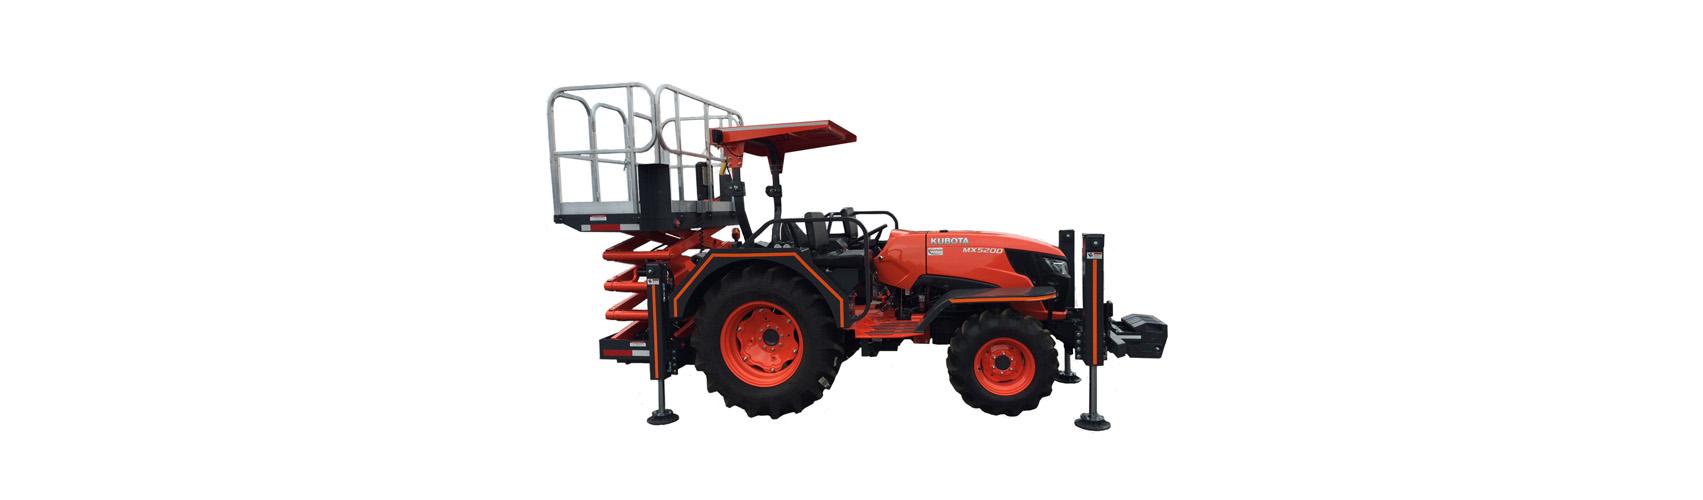 Scissor Tractor